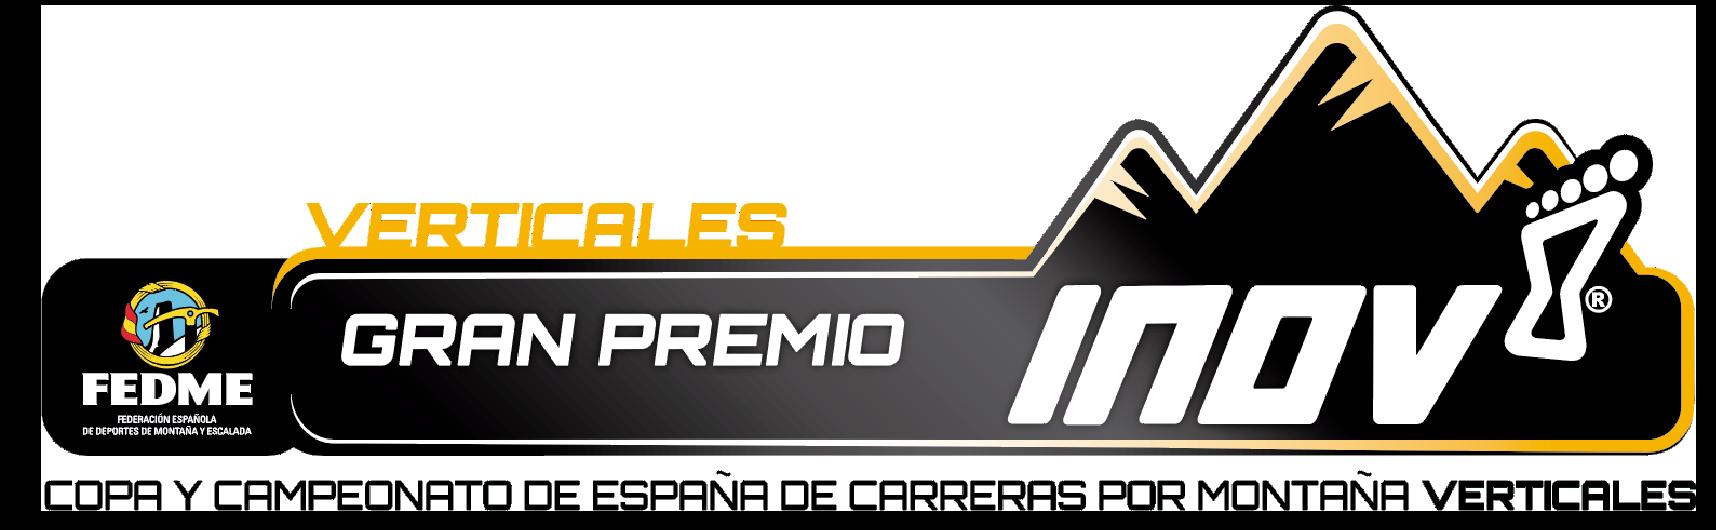 La Copa y Campeonato de España de Carreras por Montaña KV FEDME - Gran Premio INOV-8 arranca el 5 de mayo